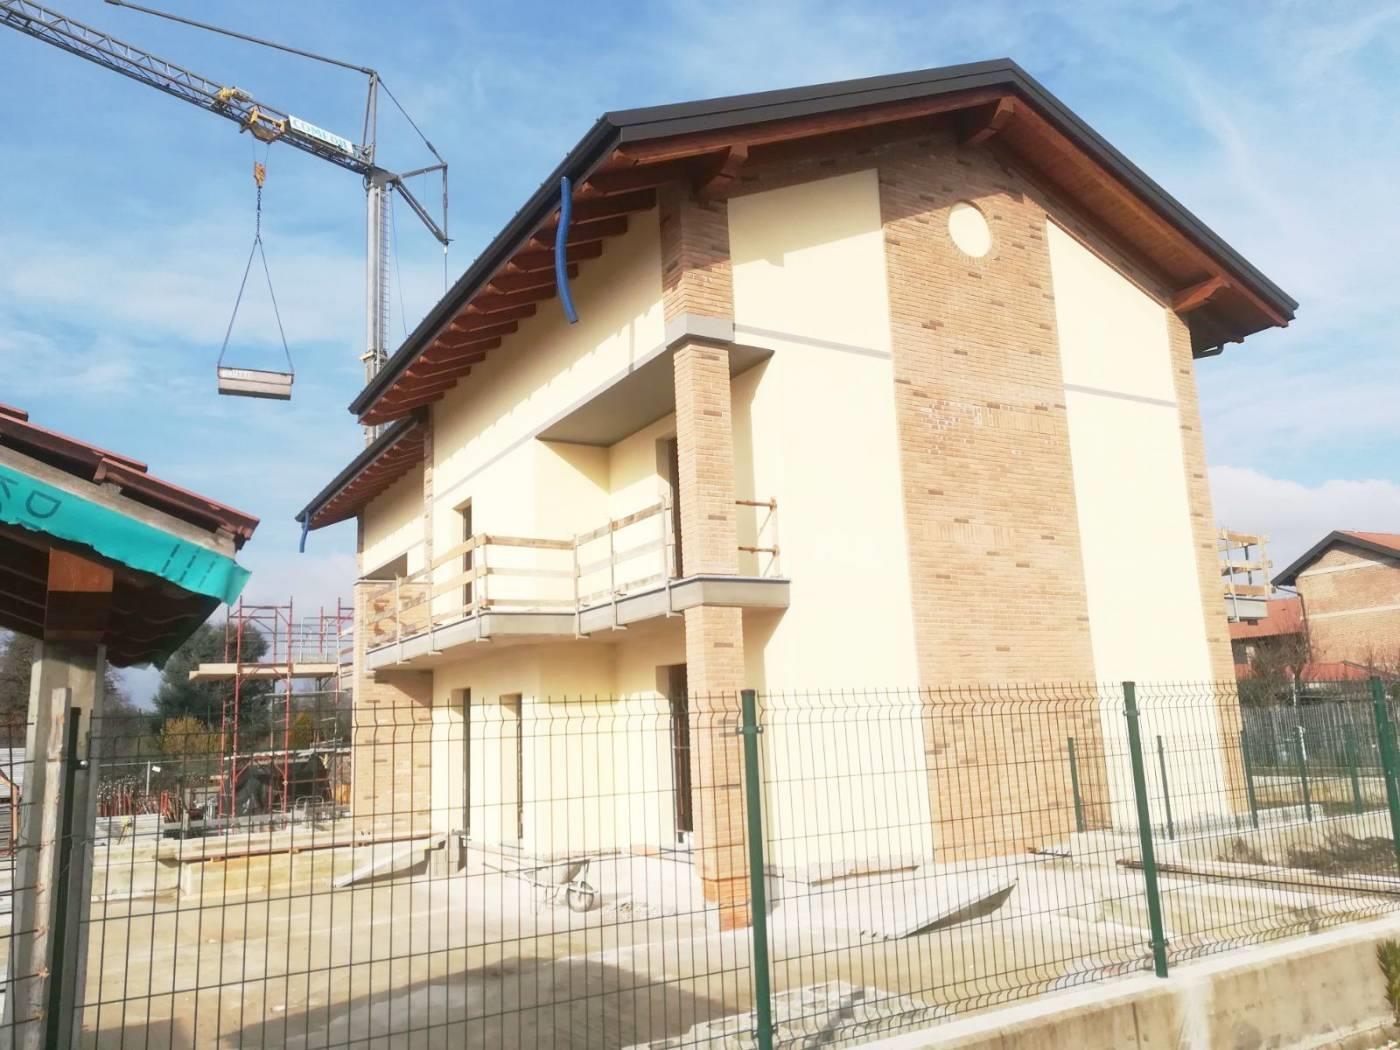 Foto 3 - Villa in Vendita - Aicurzio (Monza e Brianza)